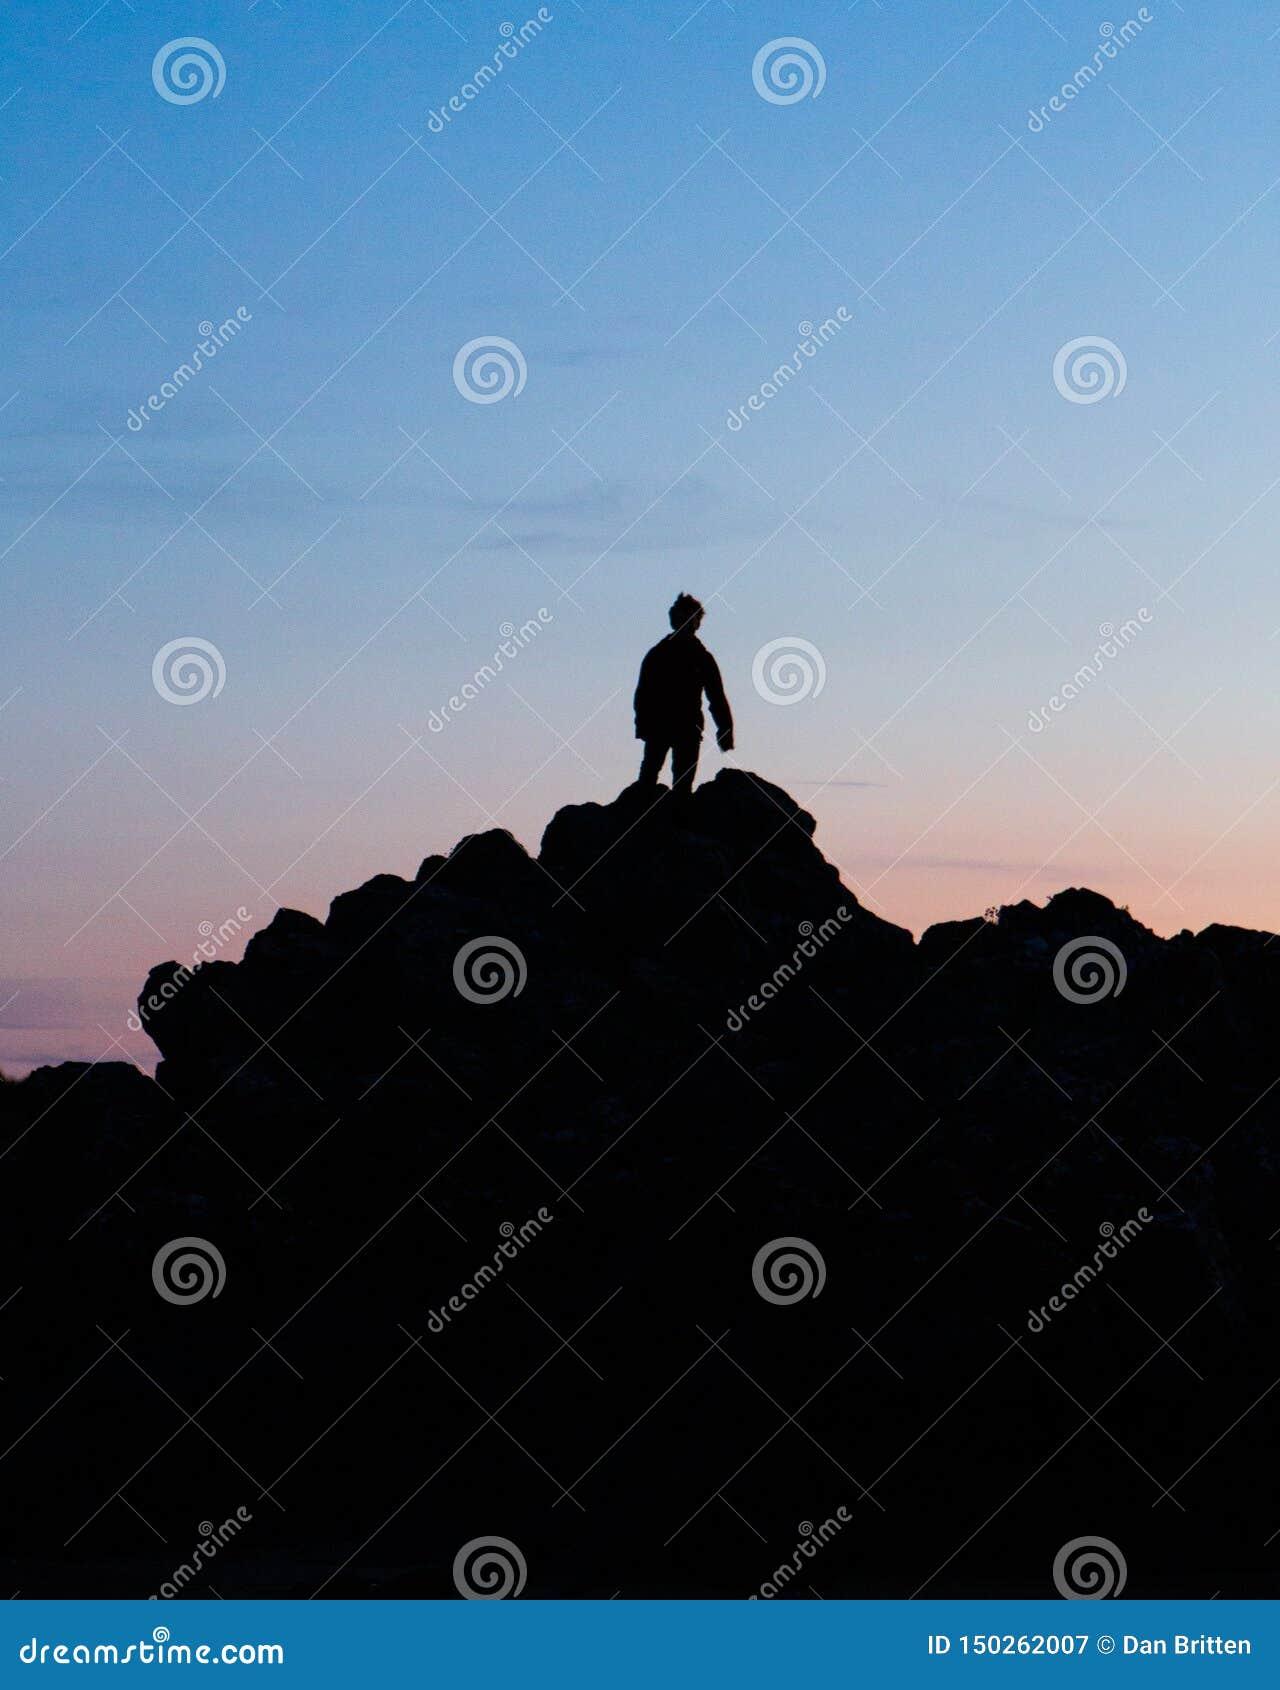 En kontur av en man under en vibrerande solnedgång